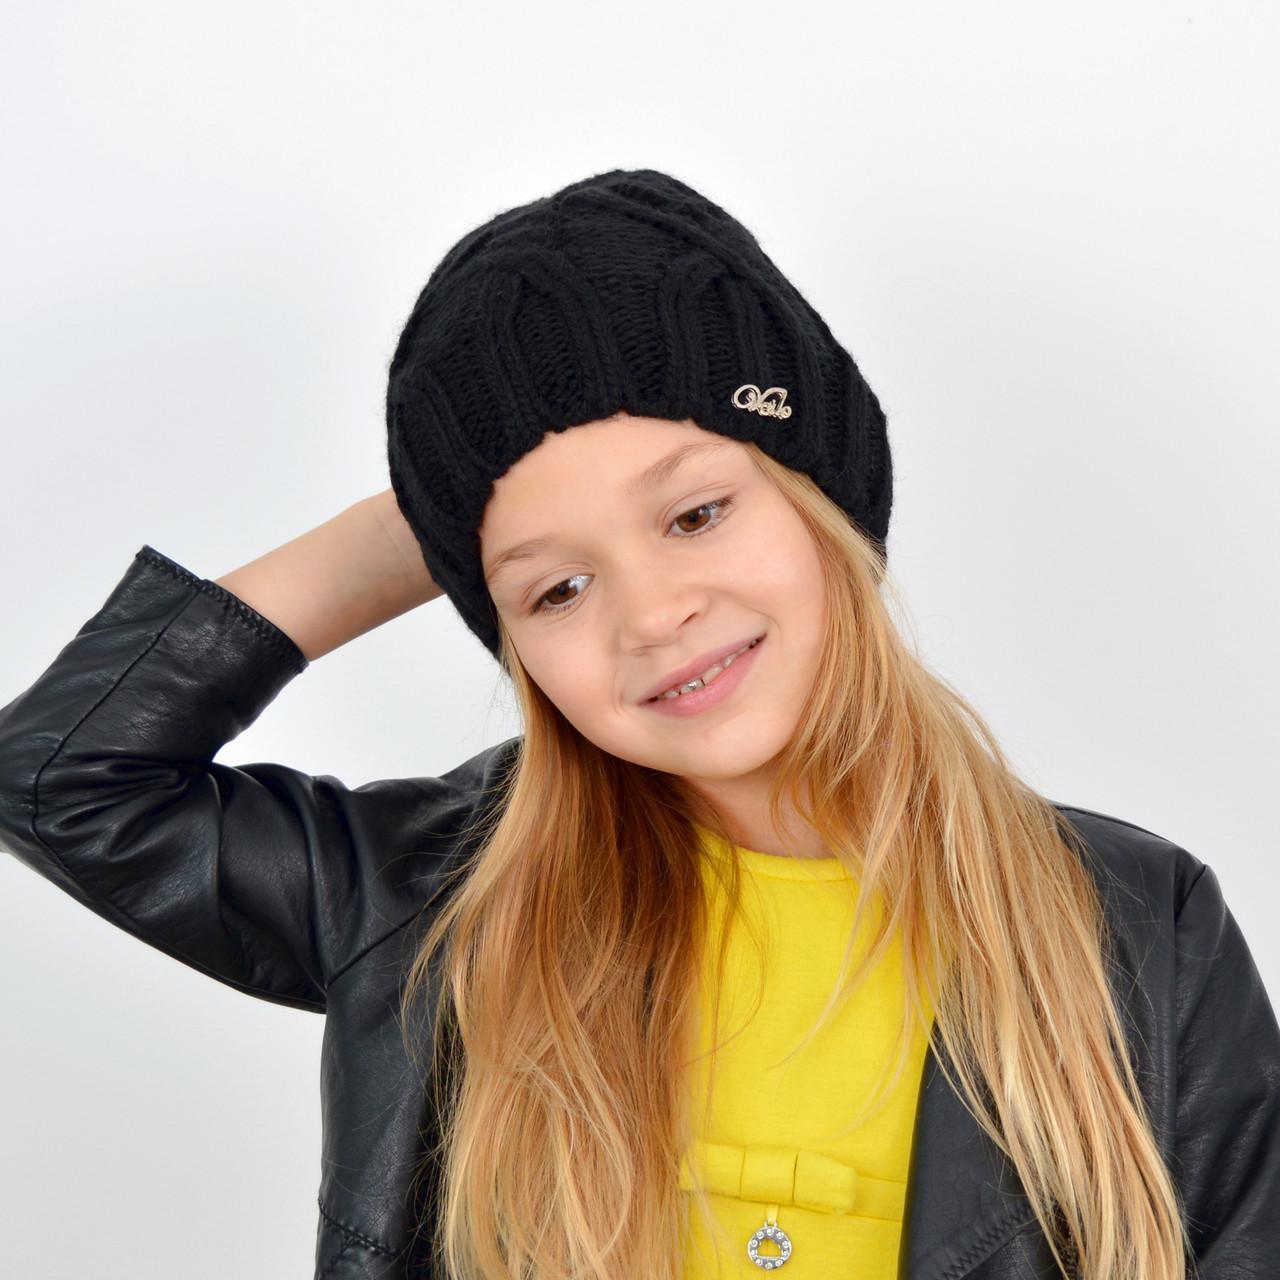 Детская вязаная шапка 3360 Черный